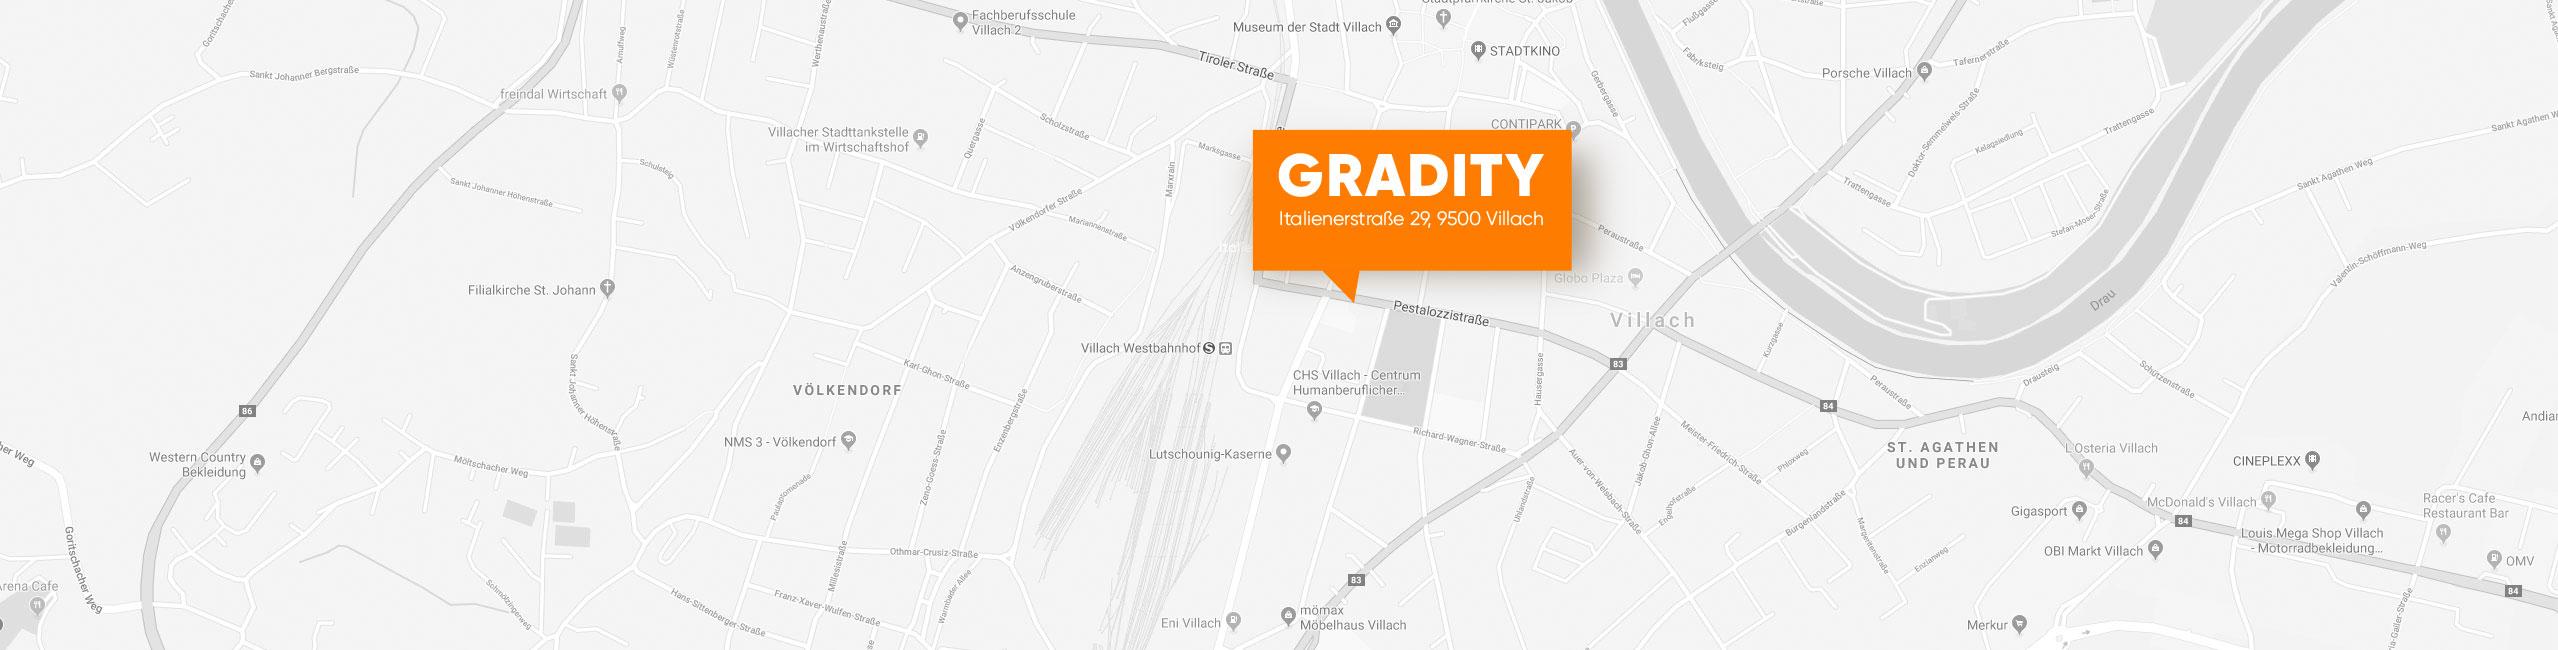 GRADITY Marketing & Consulting KG | Agentur für erfolgreiches Online Marketing | Kontakt